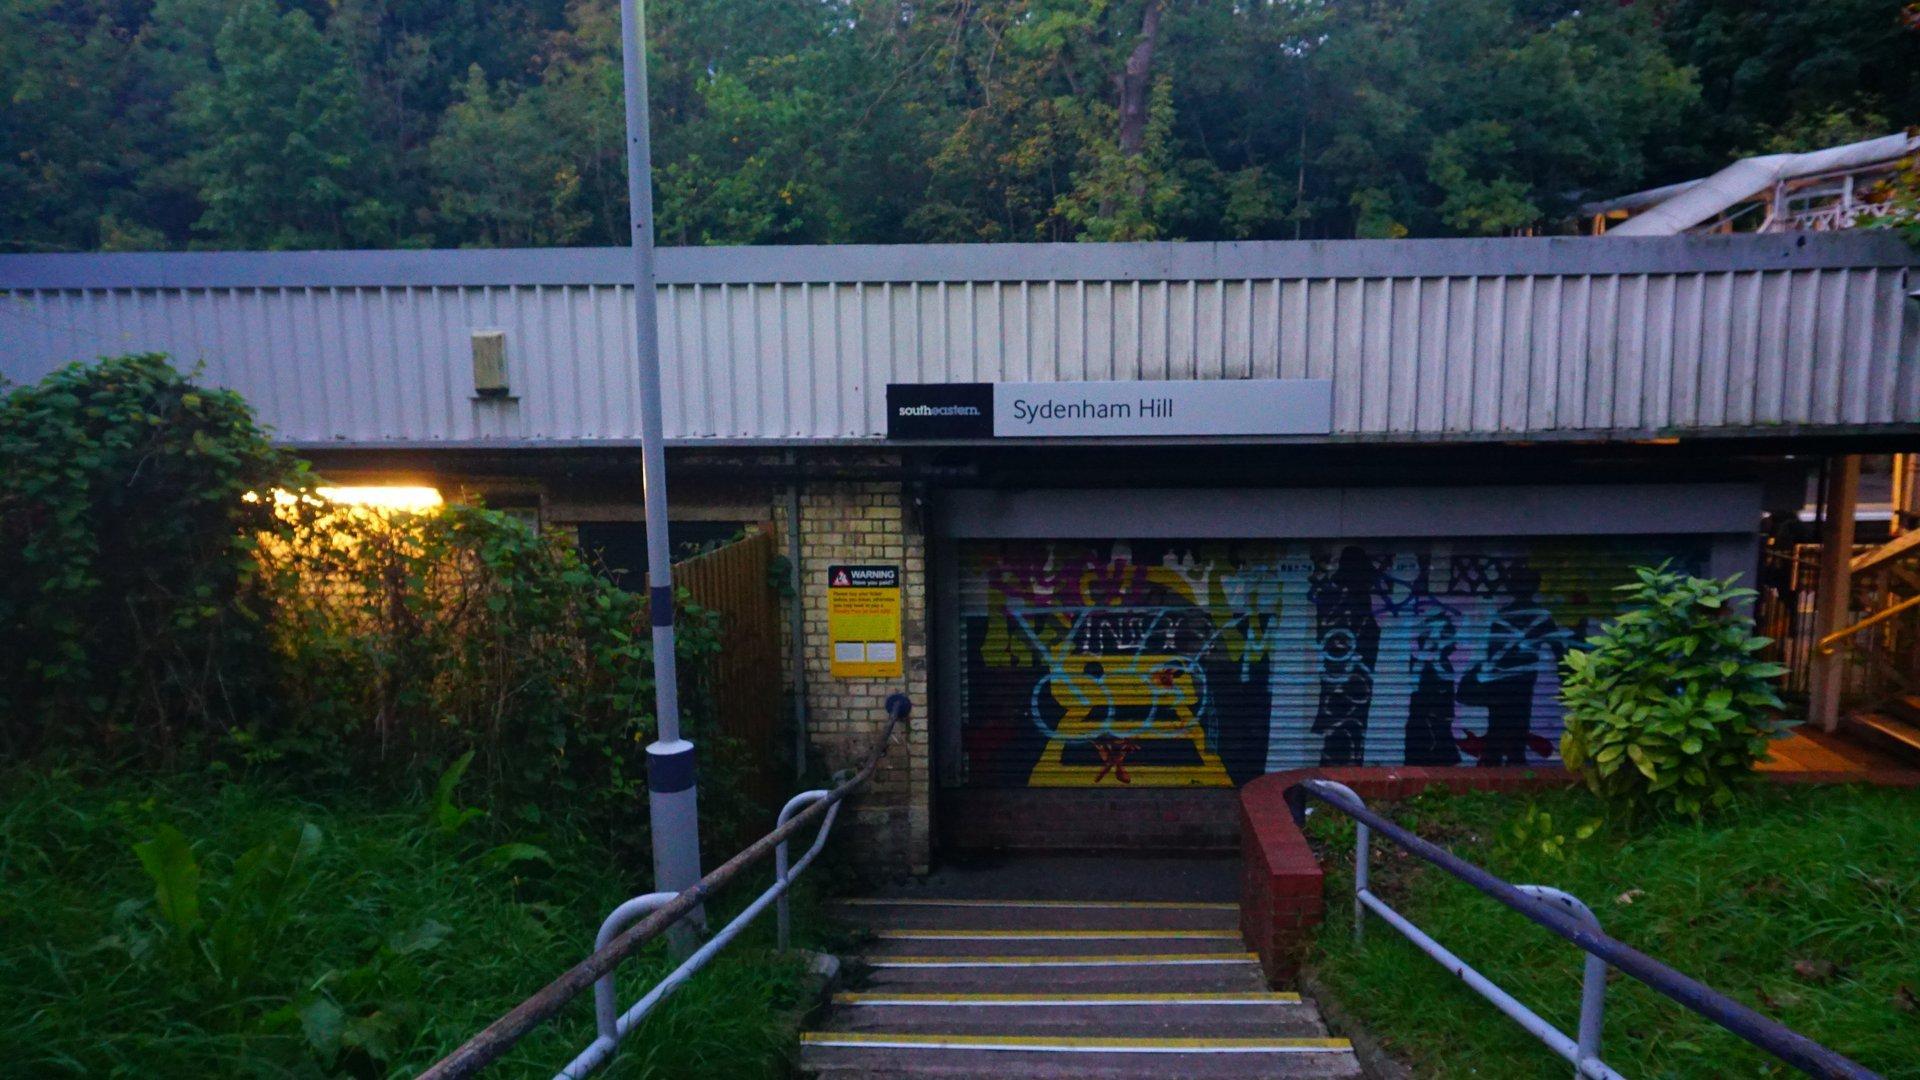 Sydenham Hill